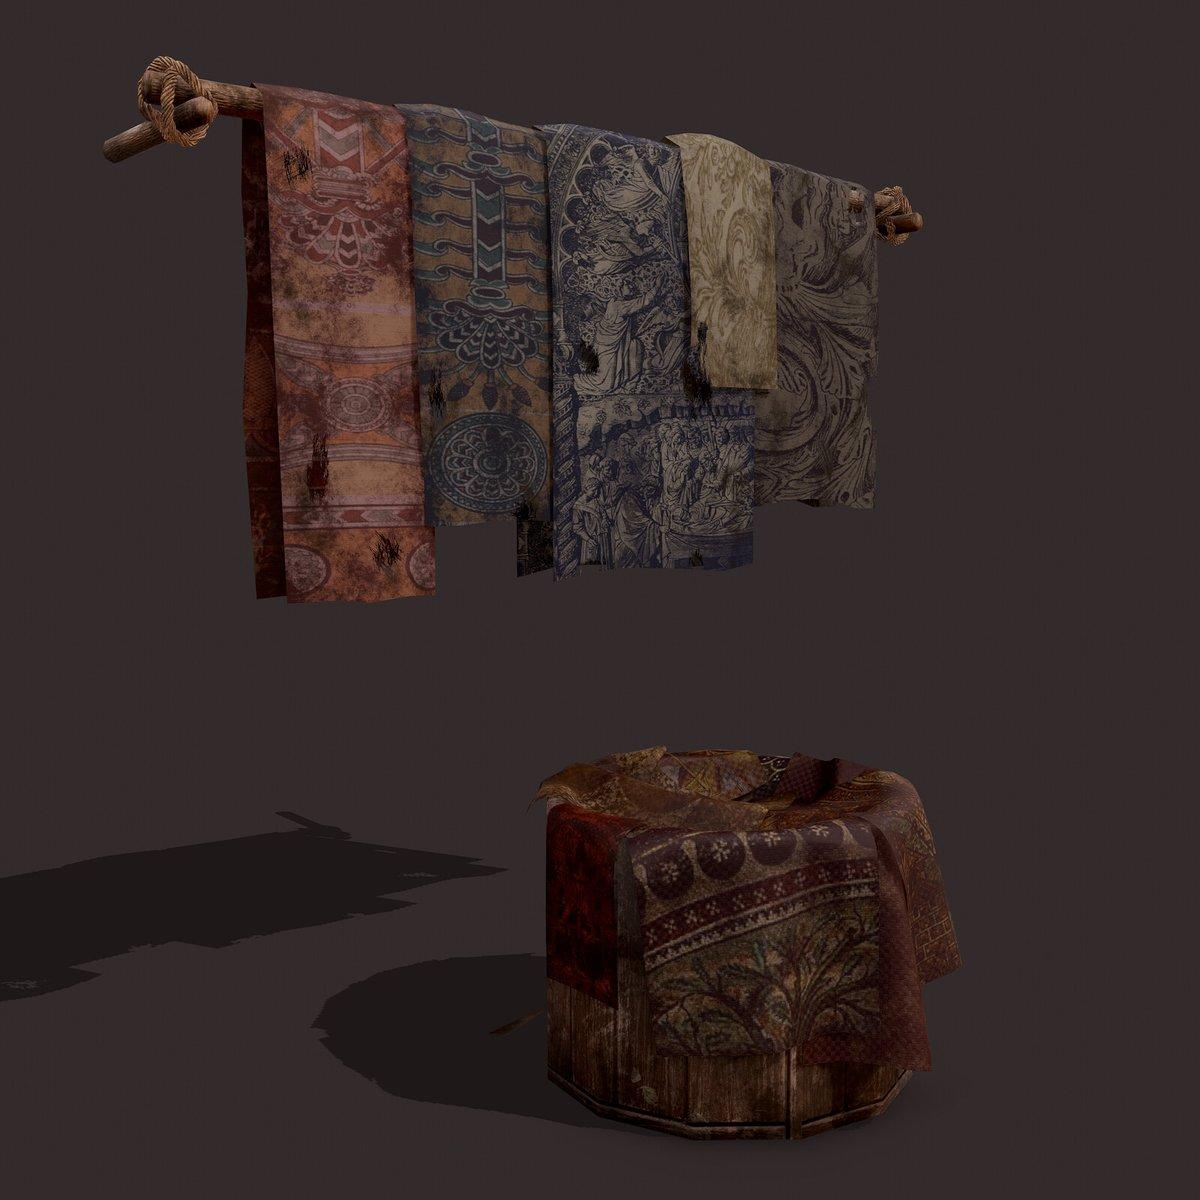 Medieval Blankets Hanger and Bucket Prop. 3D Models #substancepainter #3dmodel #3dprops #medieval